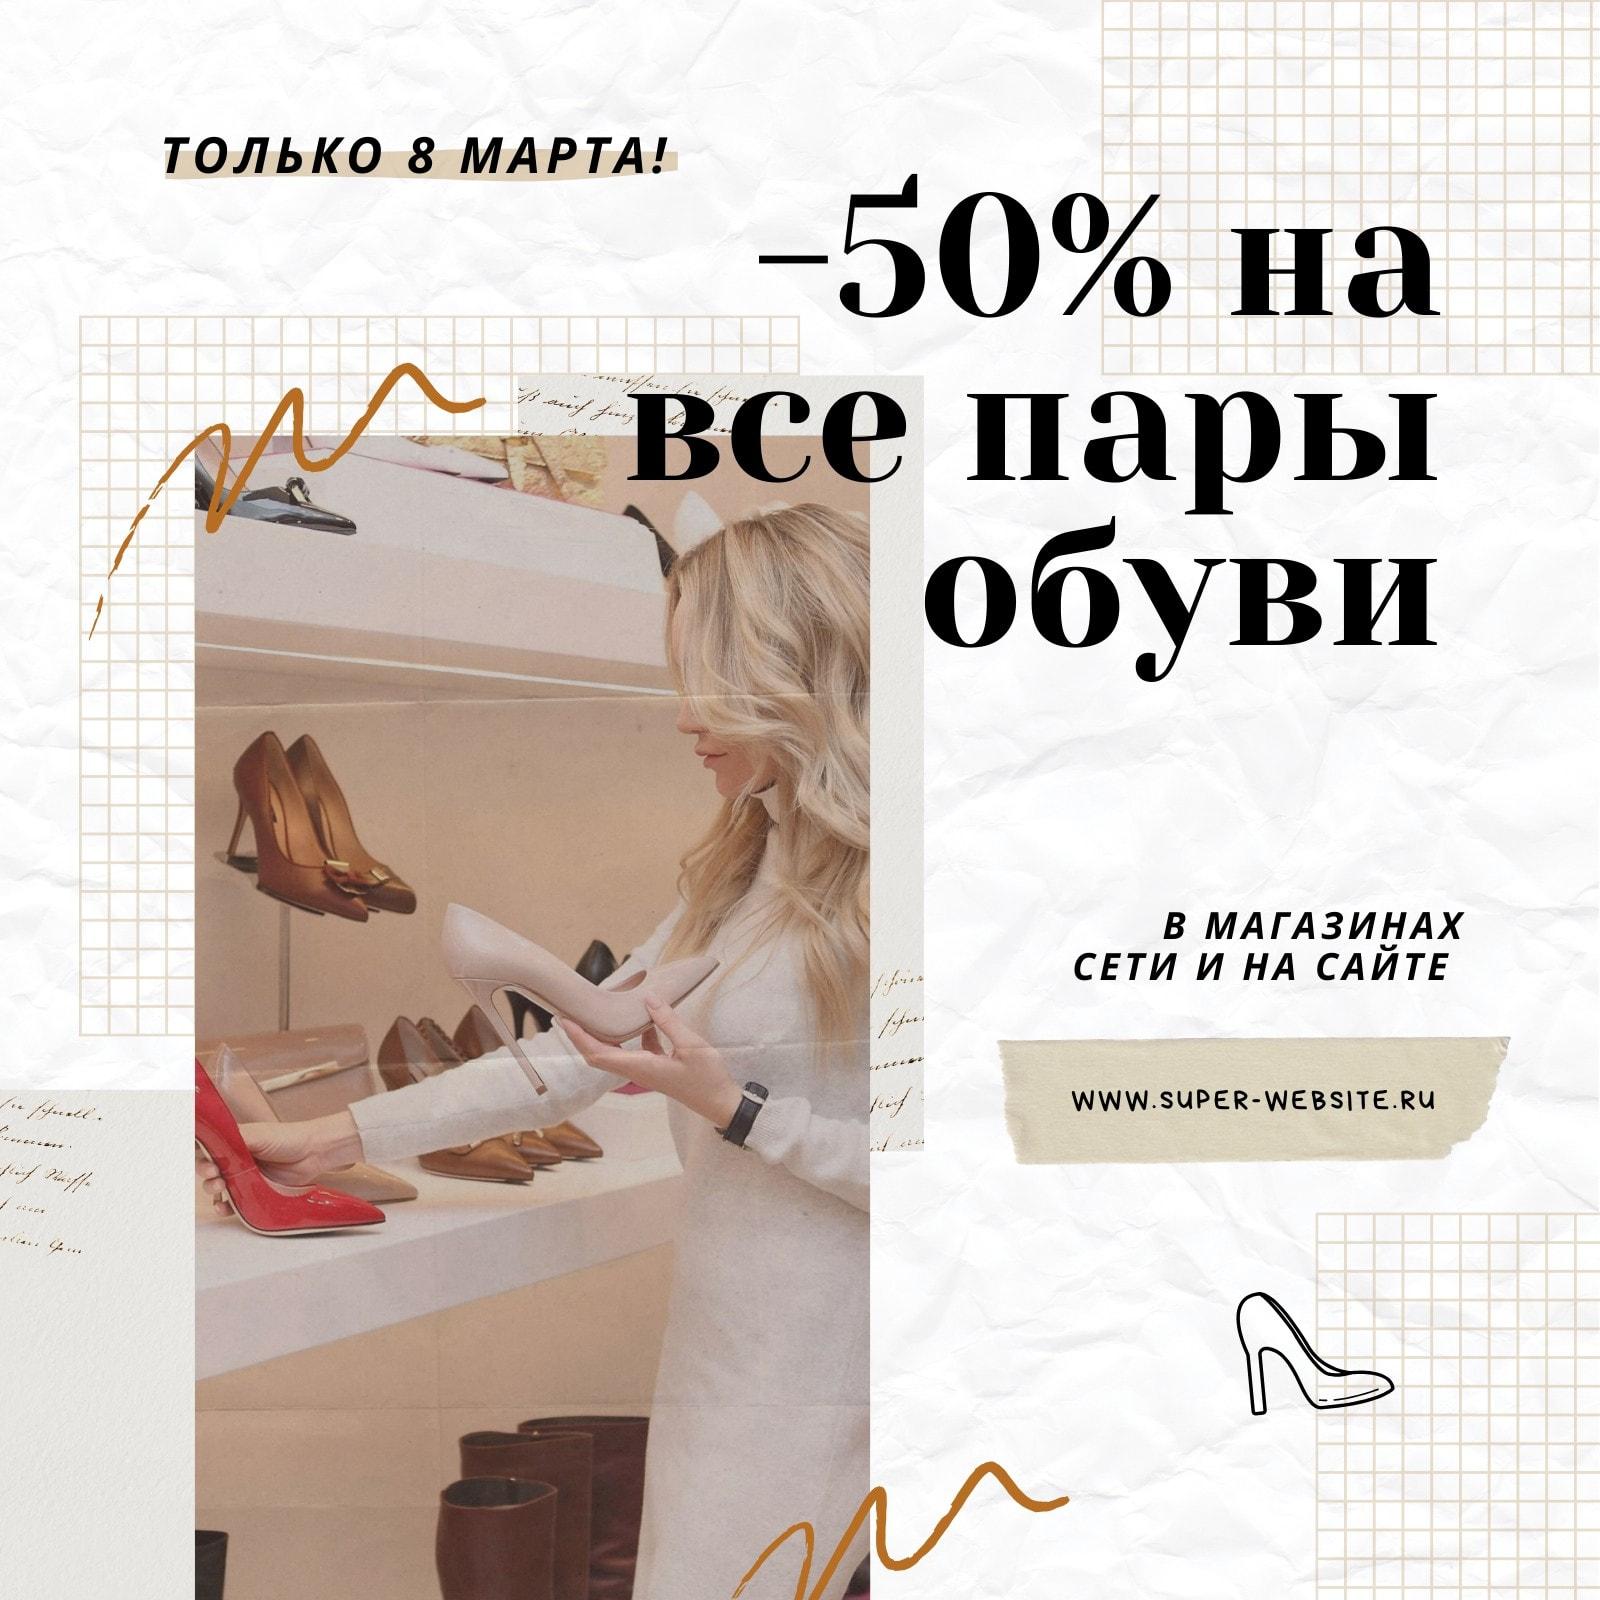 Белая публикация в Instagram на женский день с фотографией девушки с туфлями